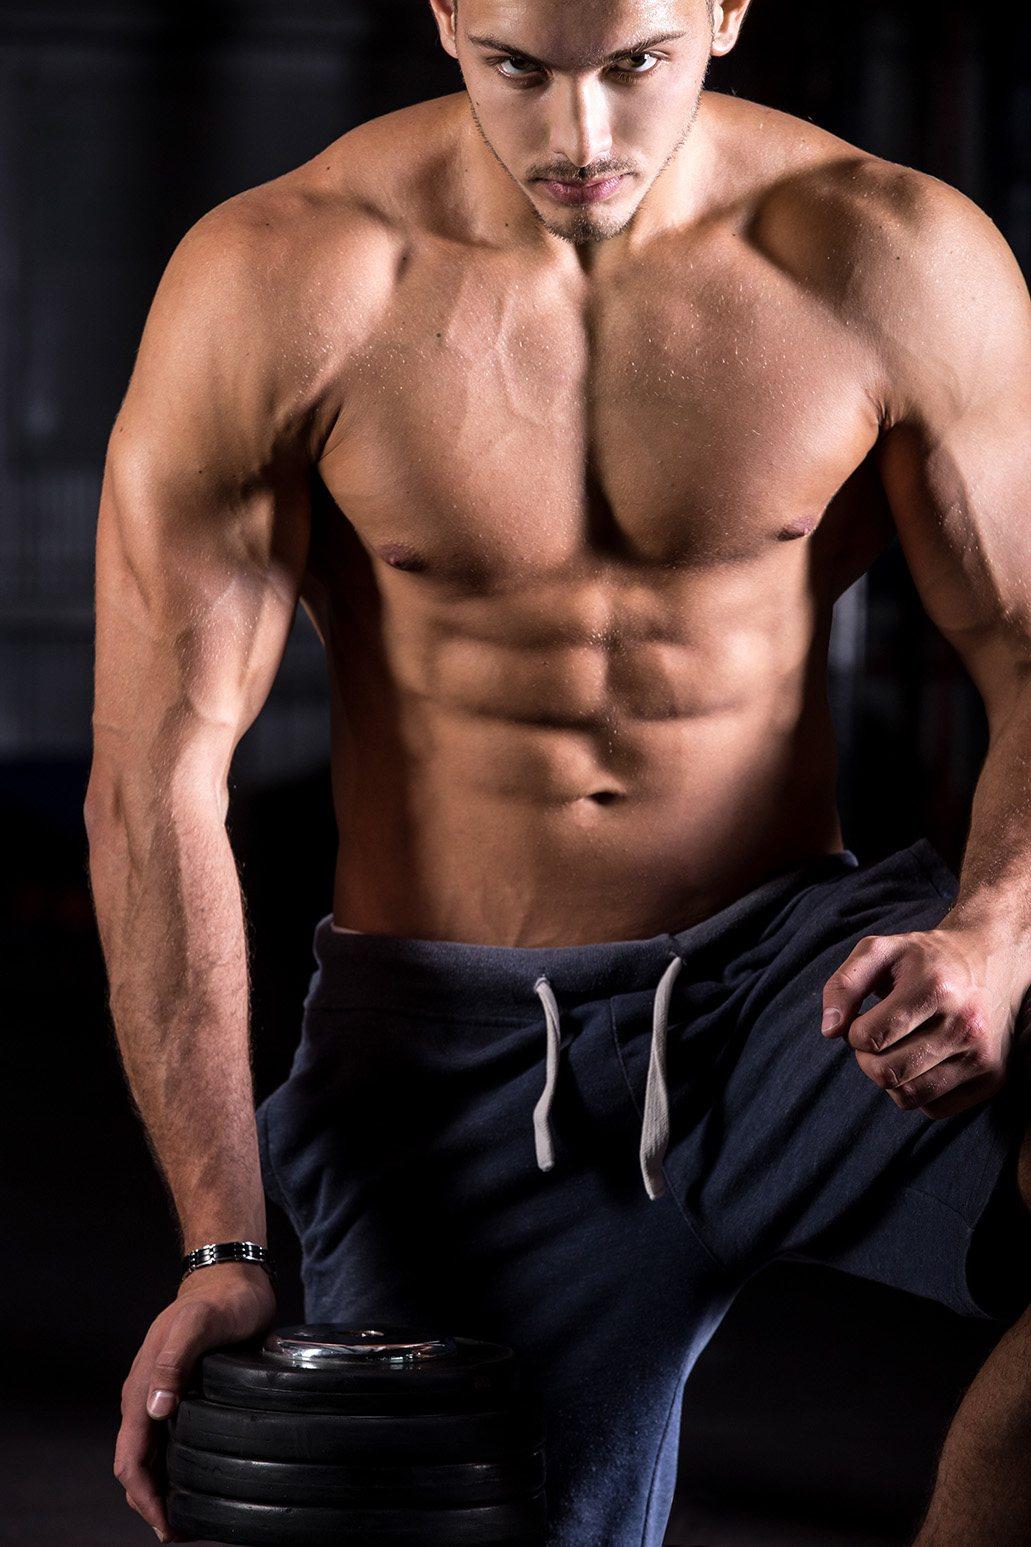 beneficios musculacion gimnasio elche cdalgar